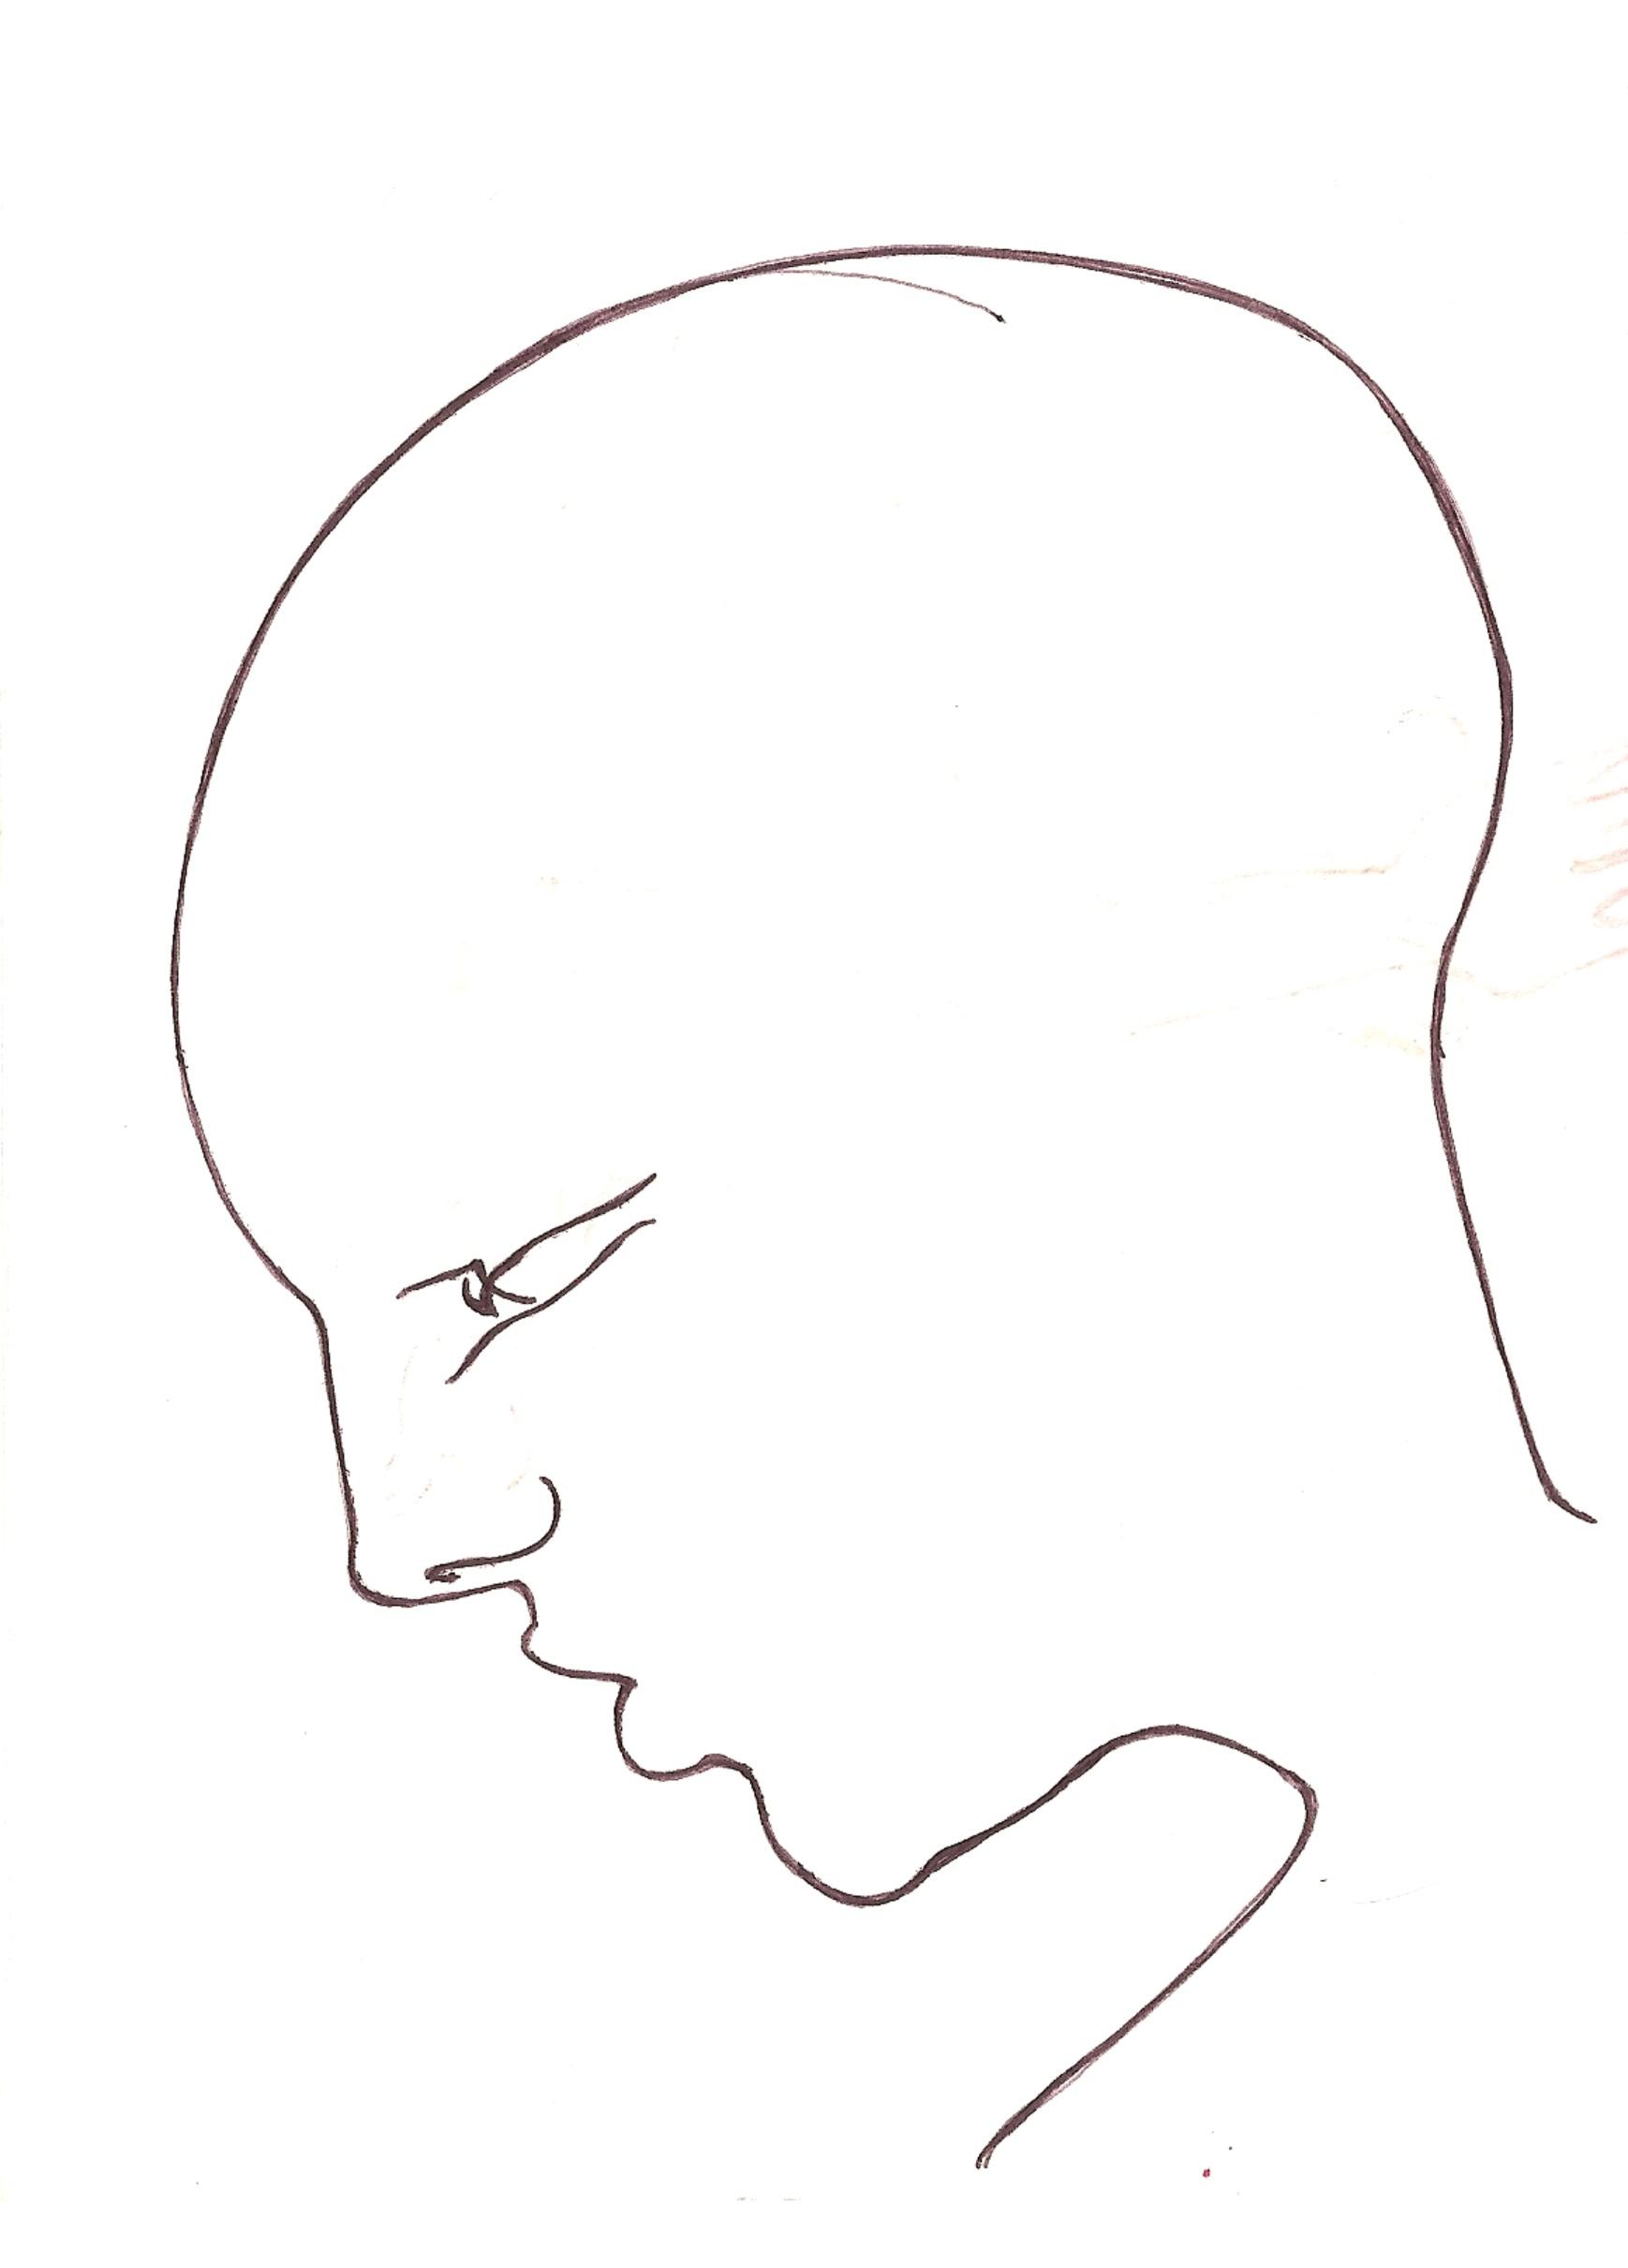 Ladislau da Regueira | As'stâncias em Mosty 10 # Pensamento | 2005